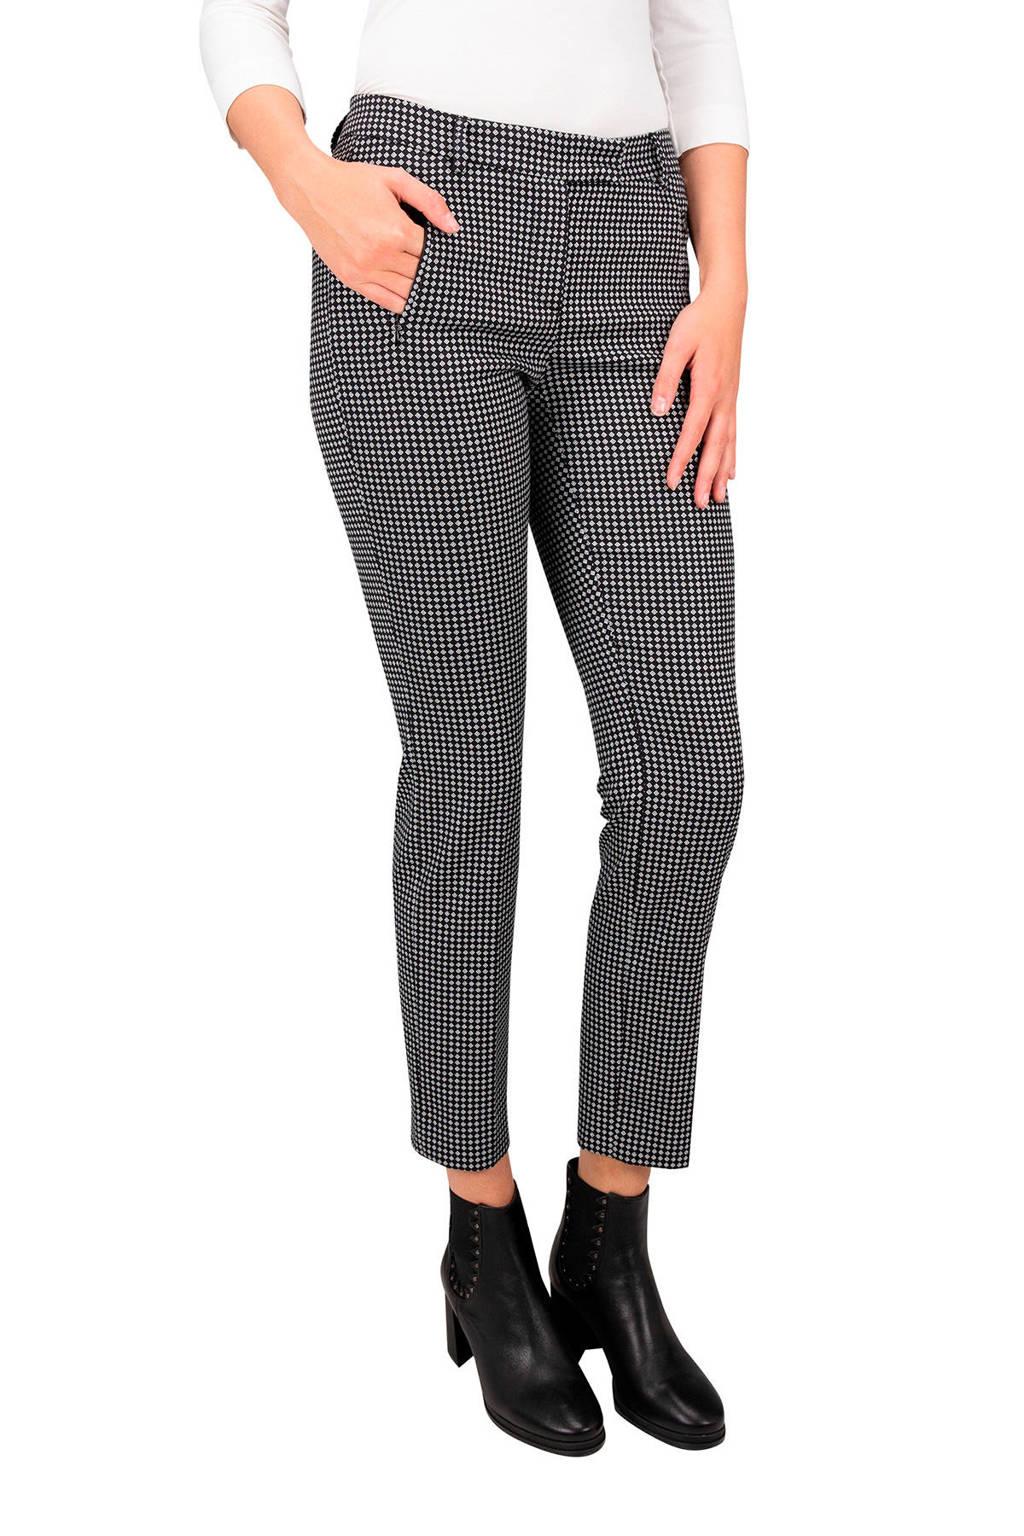 Claudia Sträter tapered fit broek met all over print zwart/wit, Zwart/wit